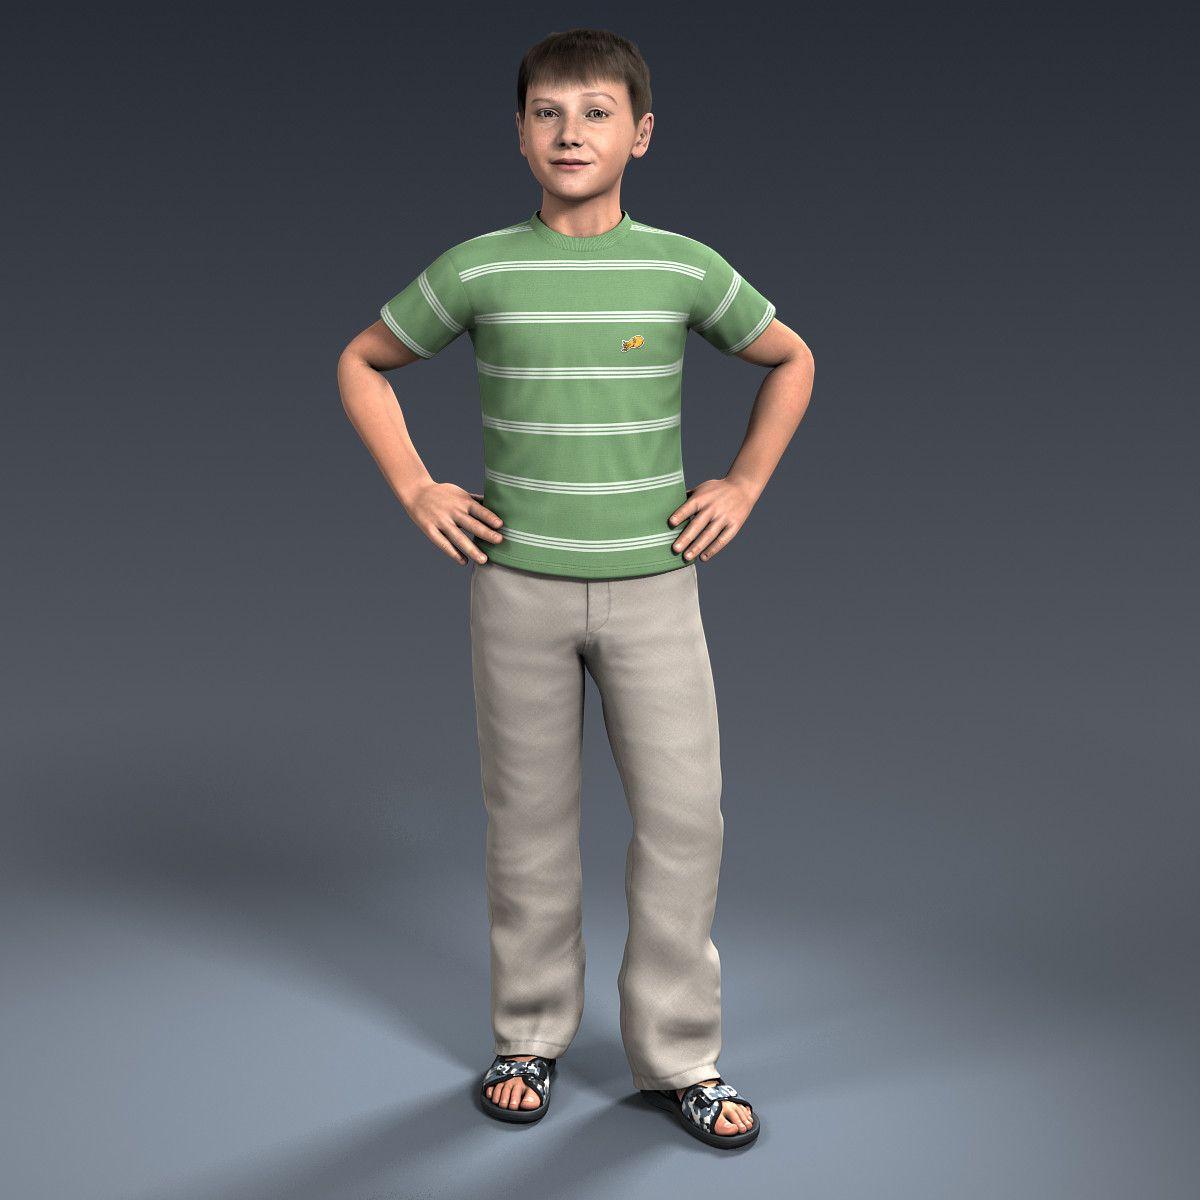 3d model ben 9 13 year boy 3D Assets